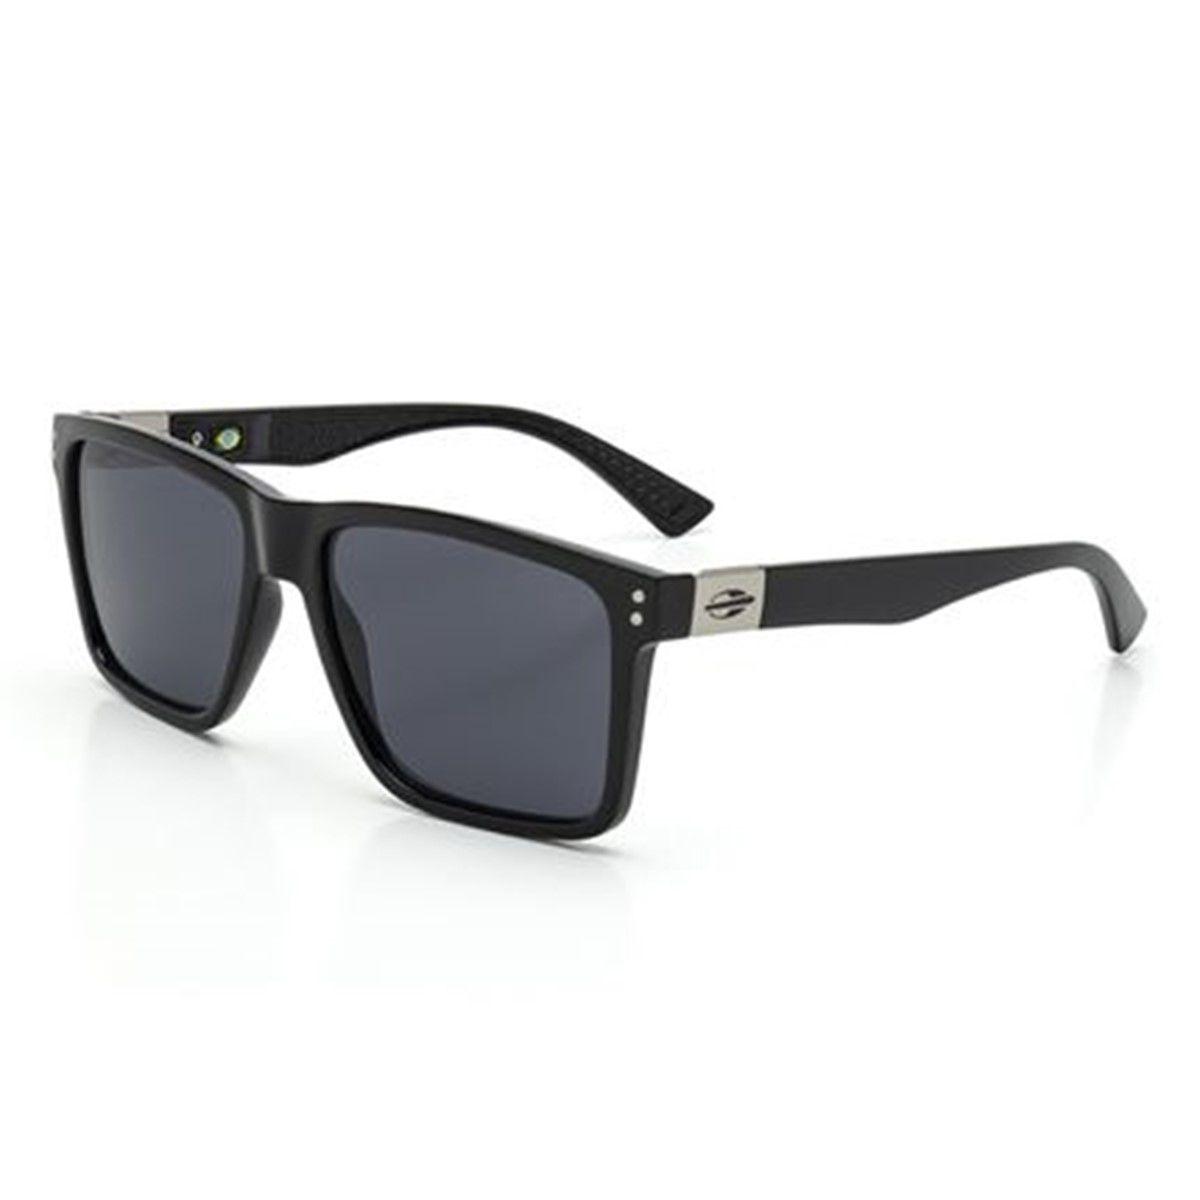 Óculos de Sol Mormaii Cairo G15